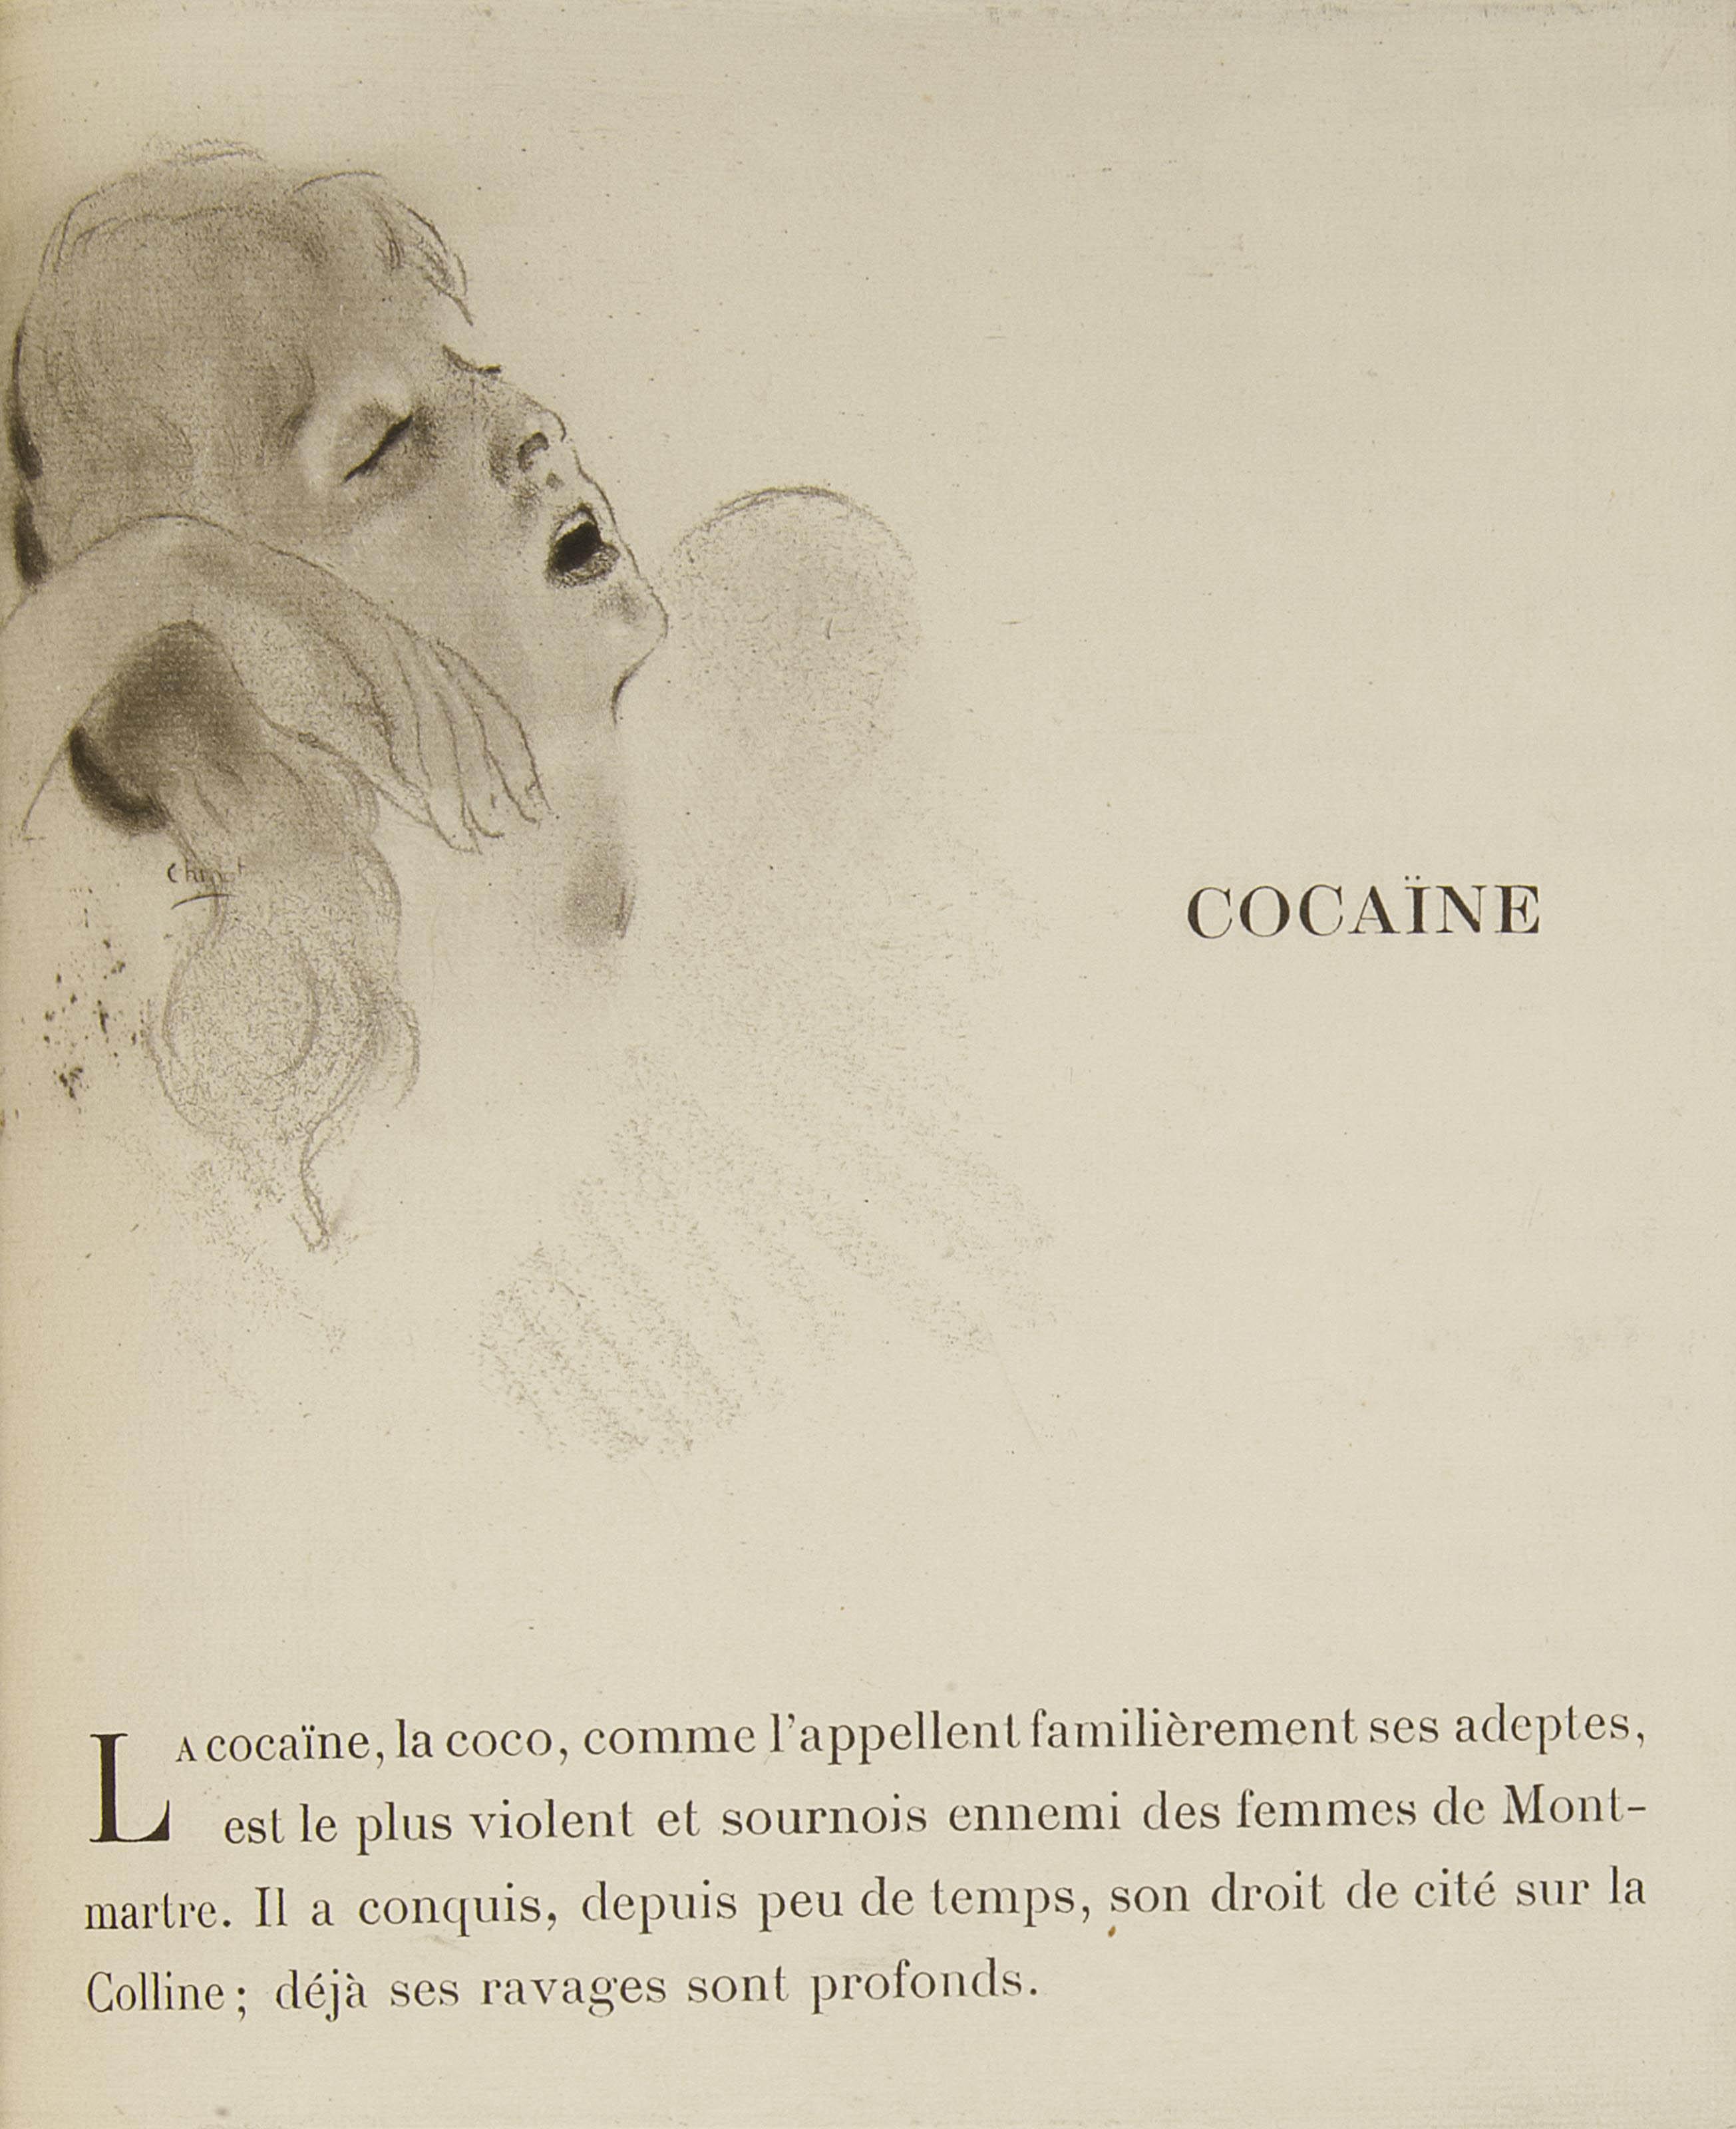 [CHIMOT] --BAUDU, René (1888-1946). Les Après-midi de Montmartre. Eaux-fortes de Édouard Chimot. Paris: l'édition, 1919.